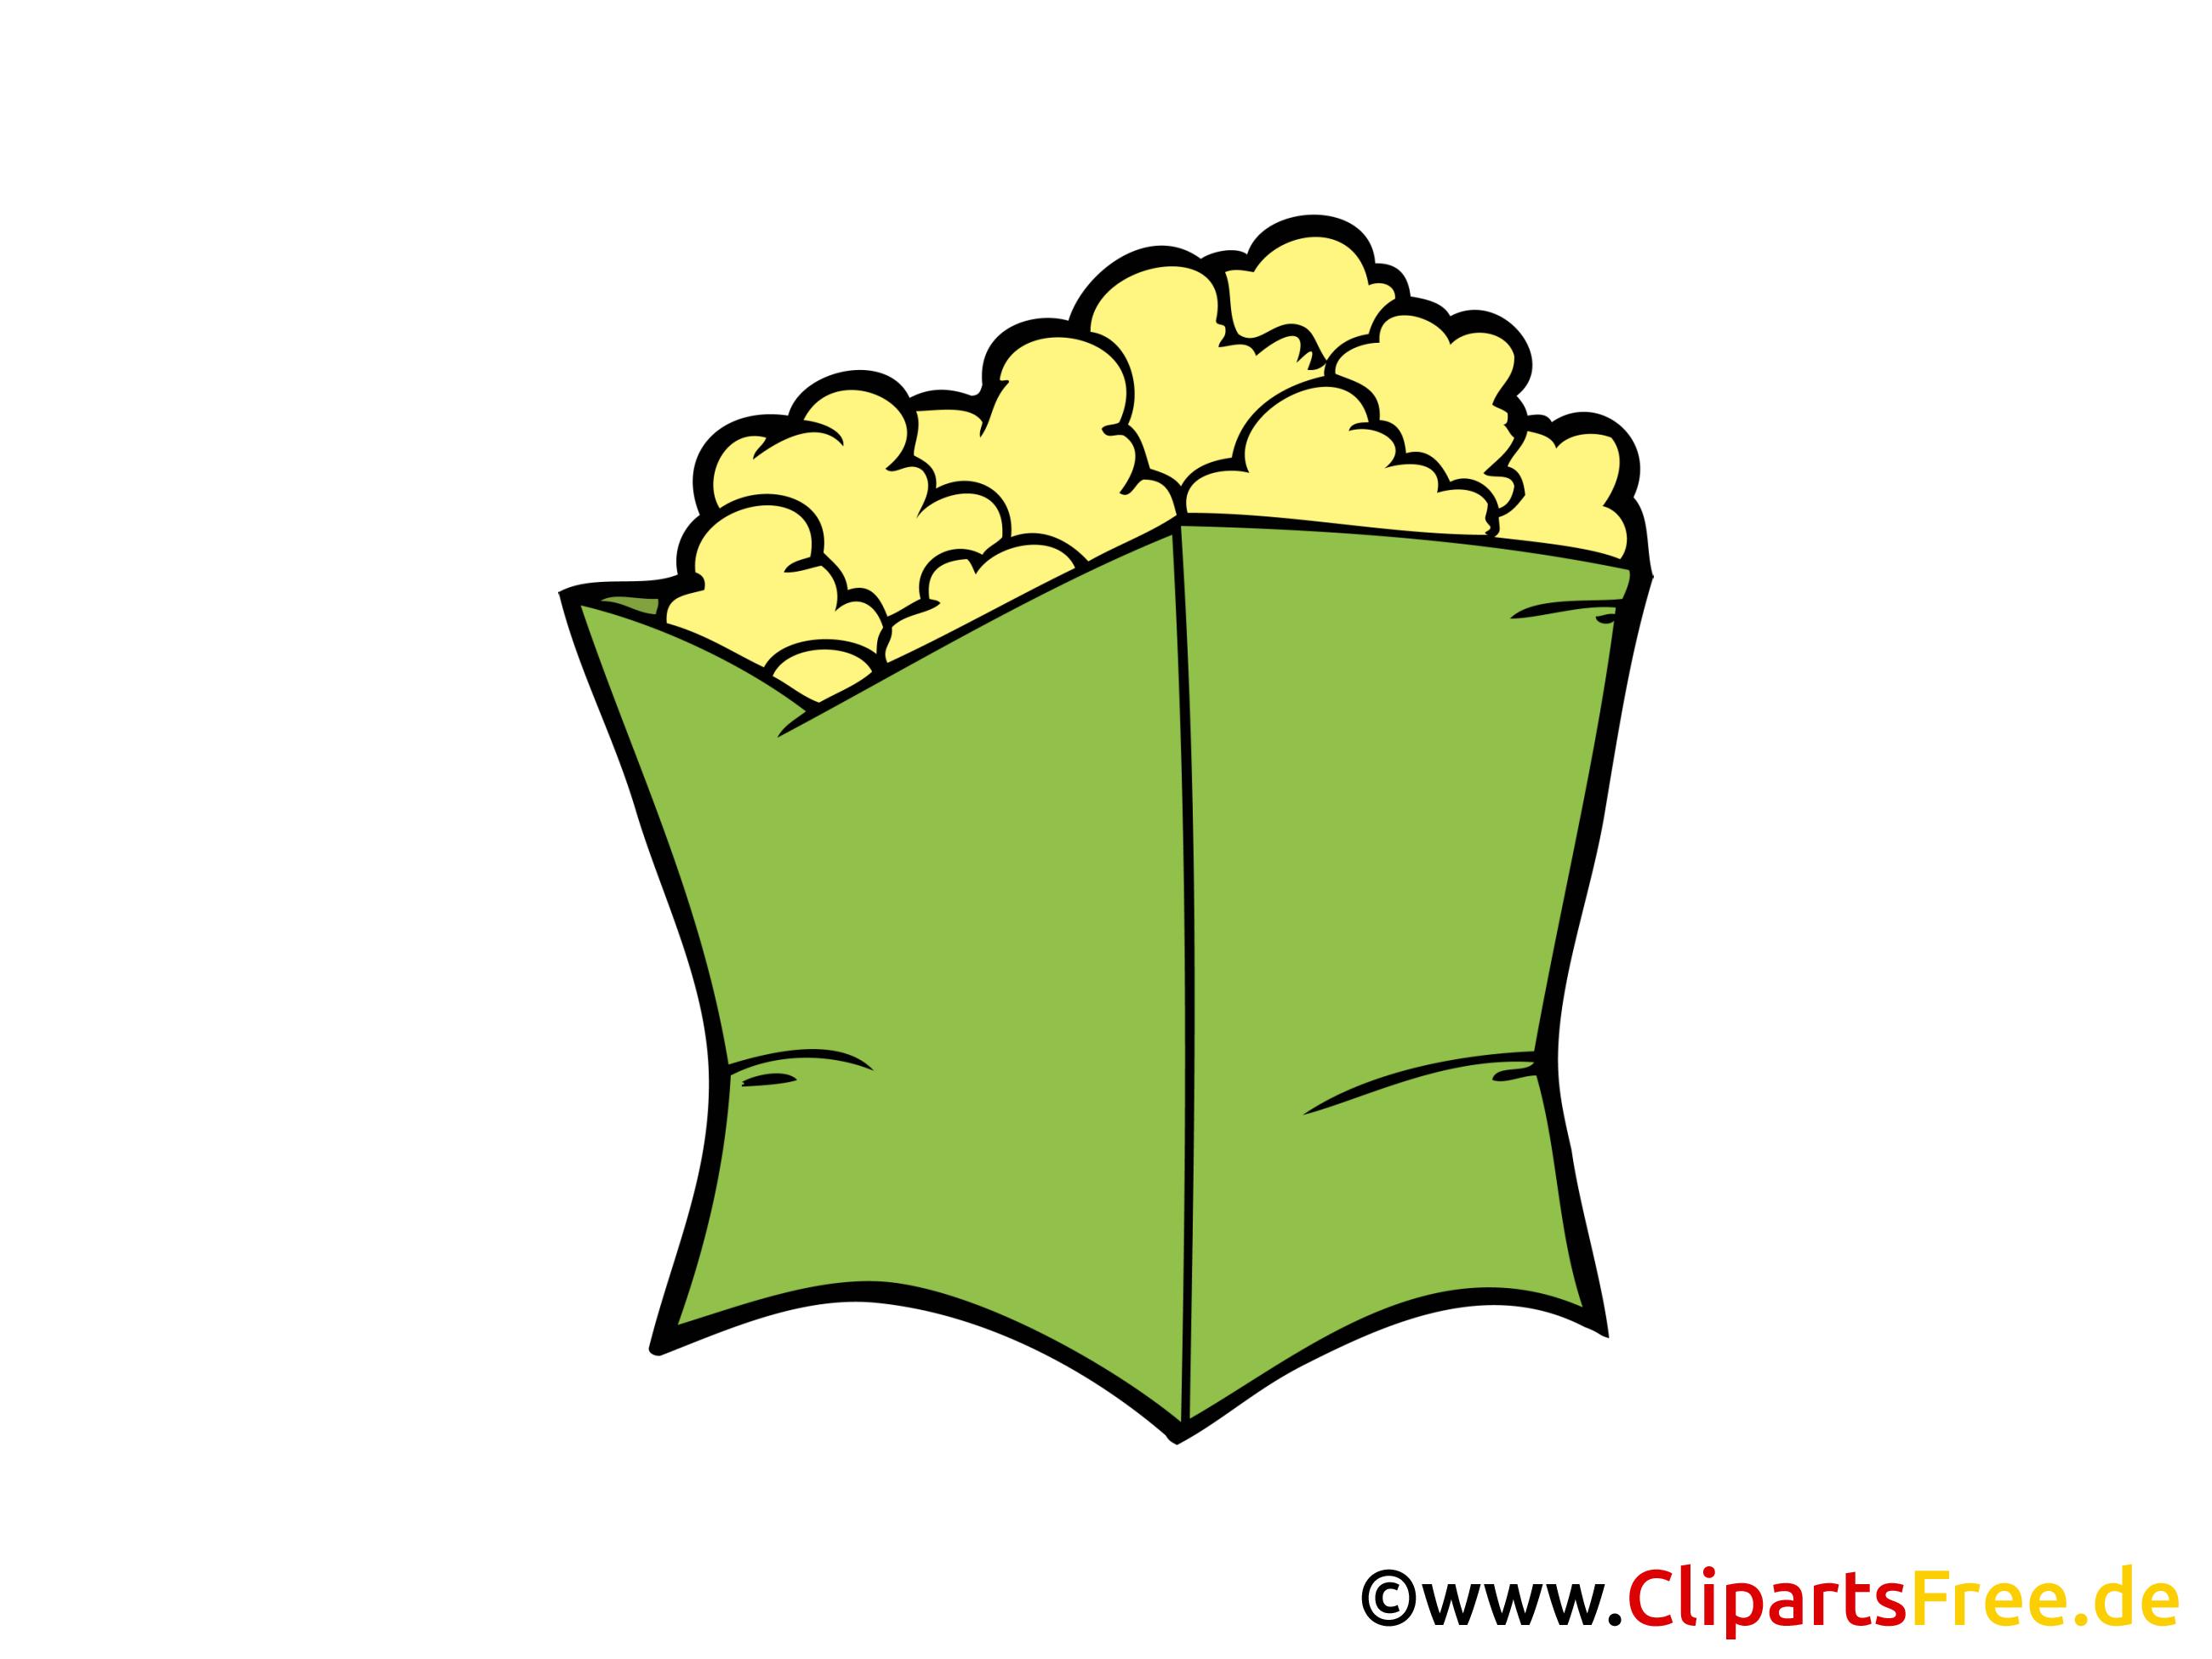 Pop-corn cliparts gratuis - Nourriture images